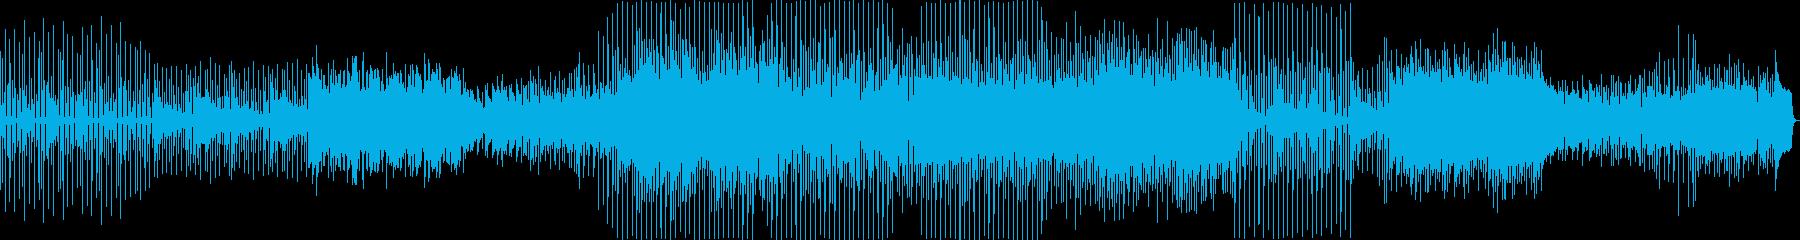 盛り上げる手前で使われそうな曲の再生済みの波形